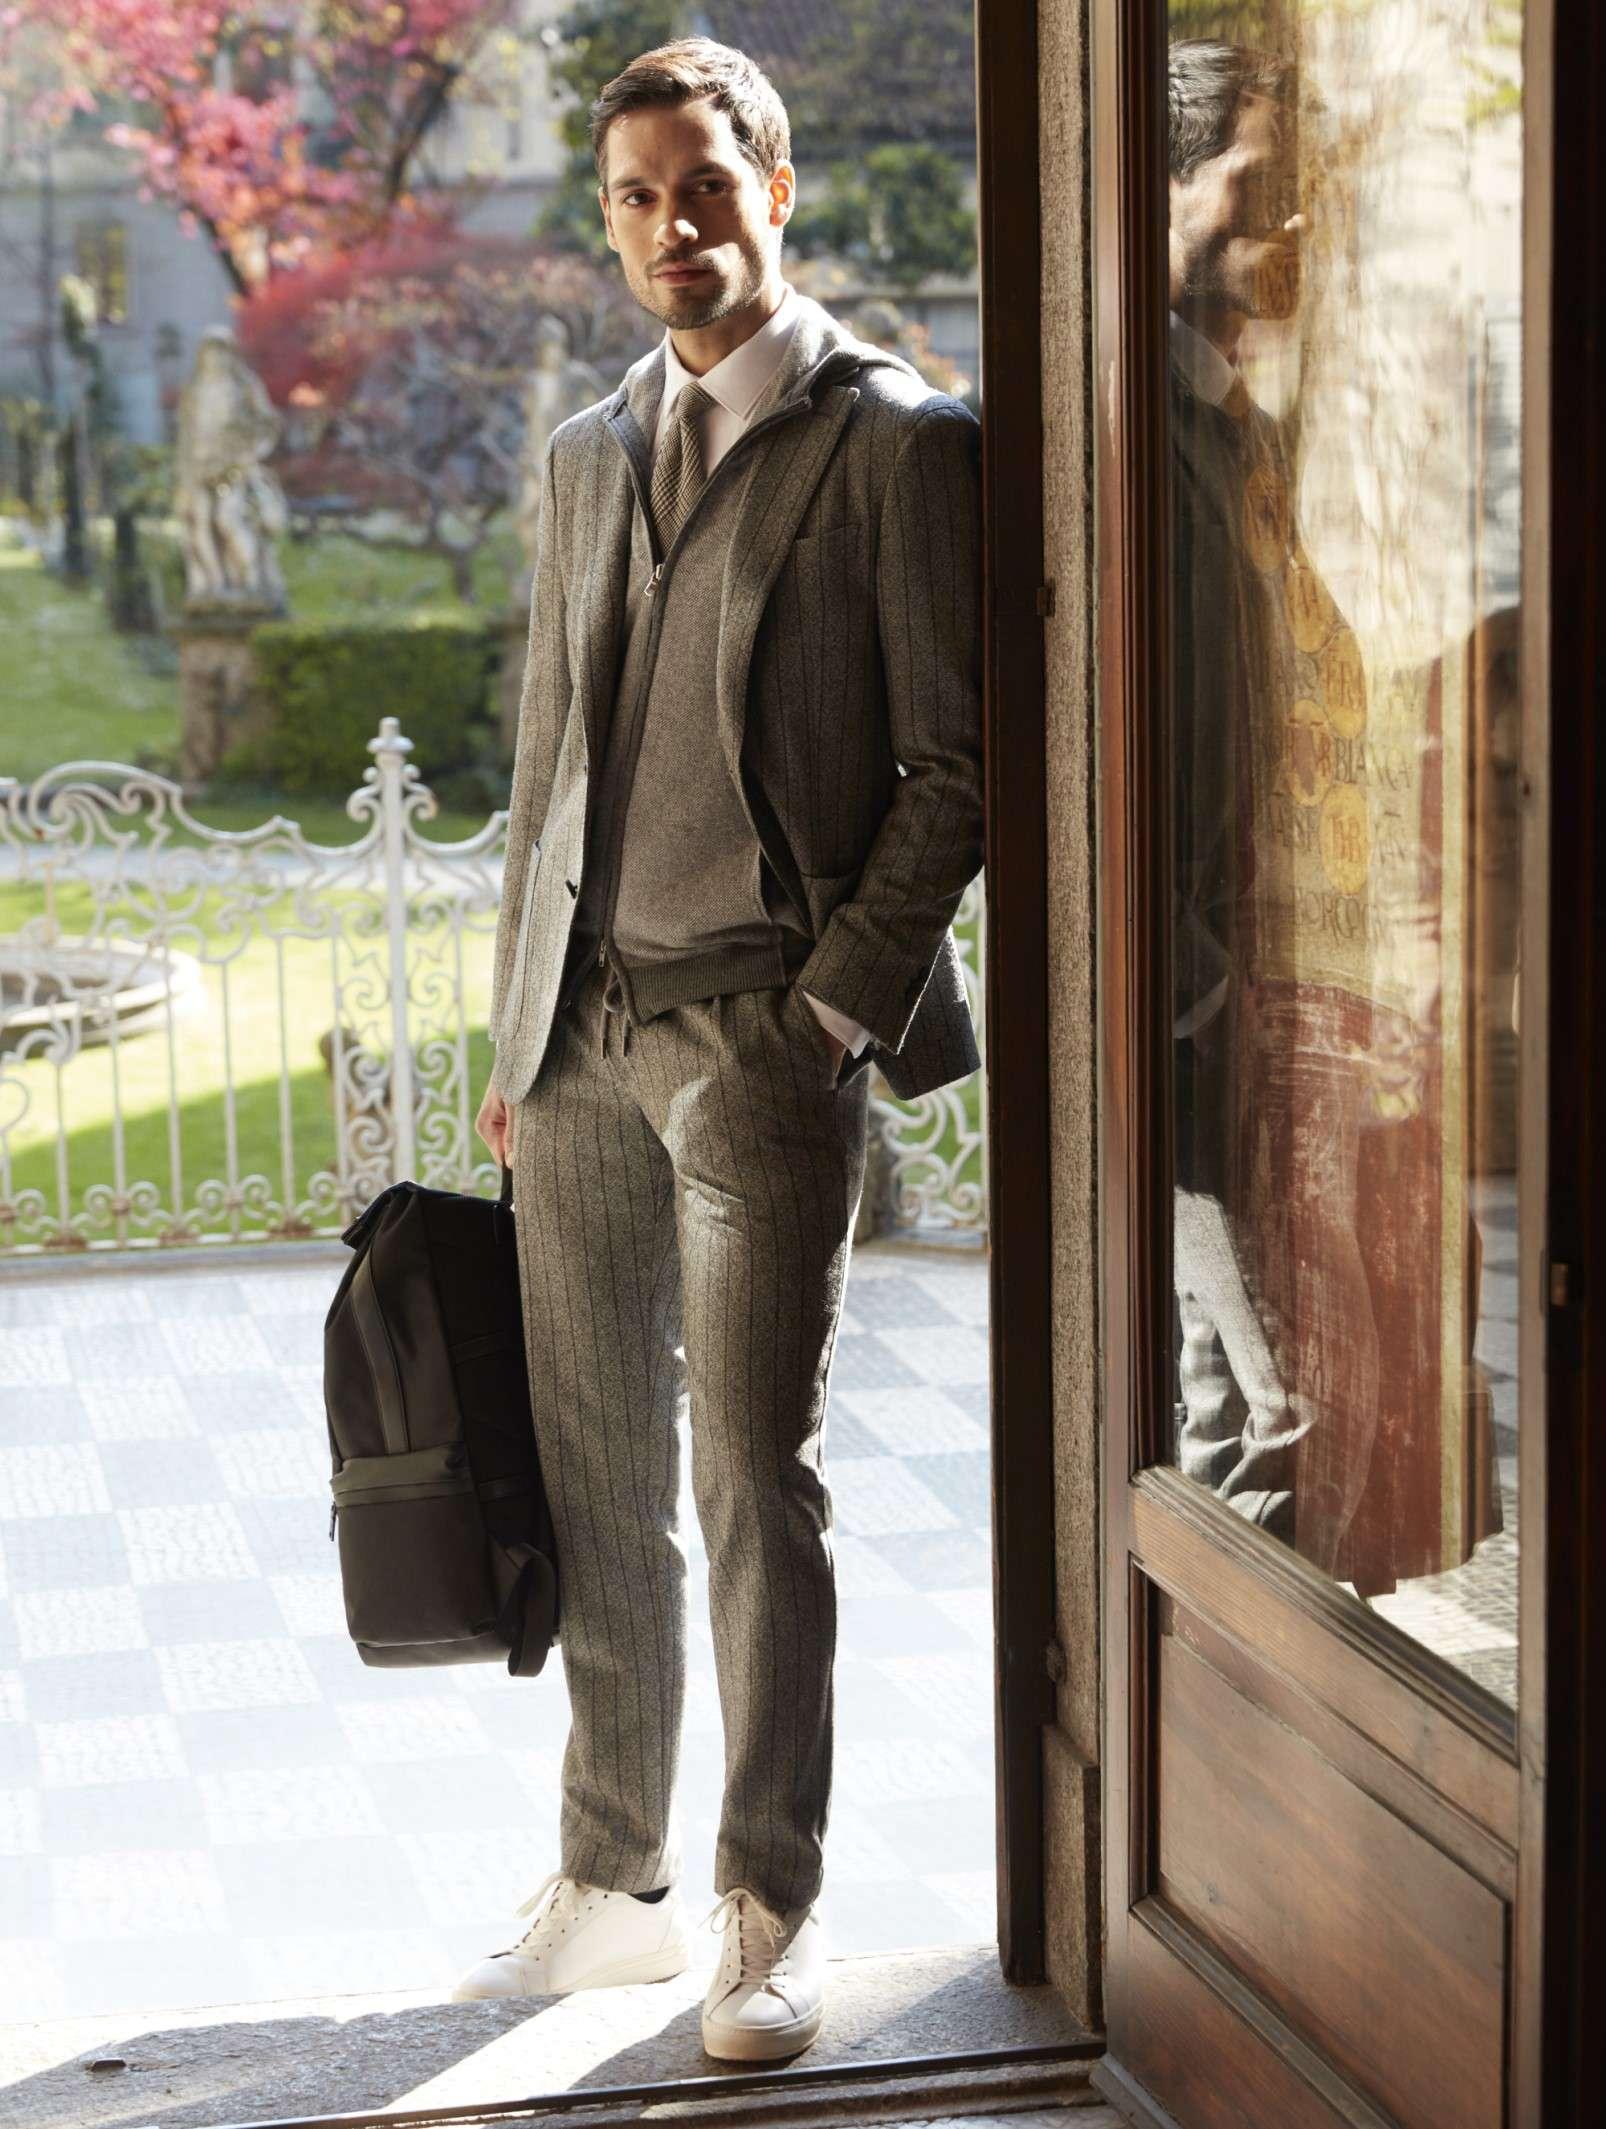 scarpe sportive sotto vestito elegante uomo